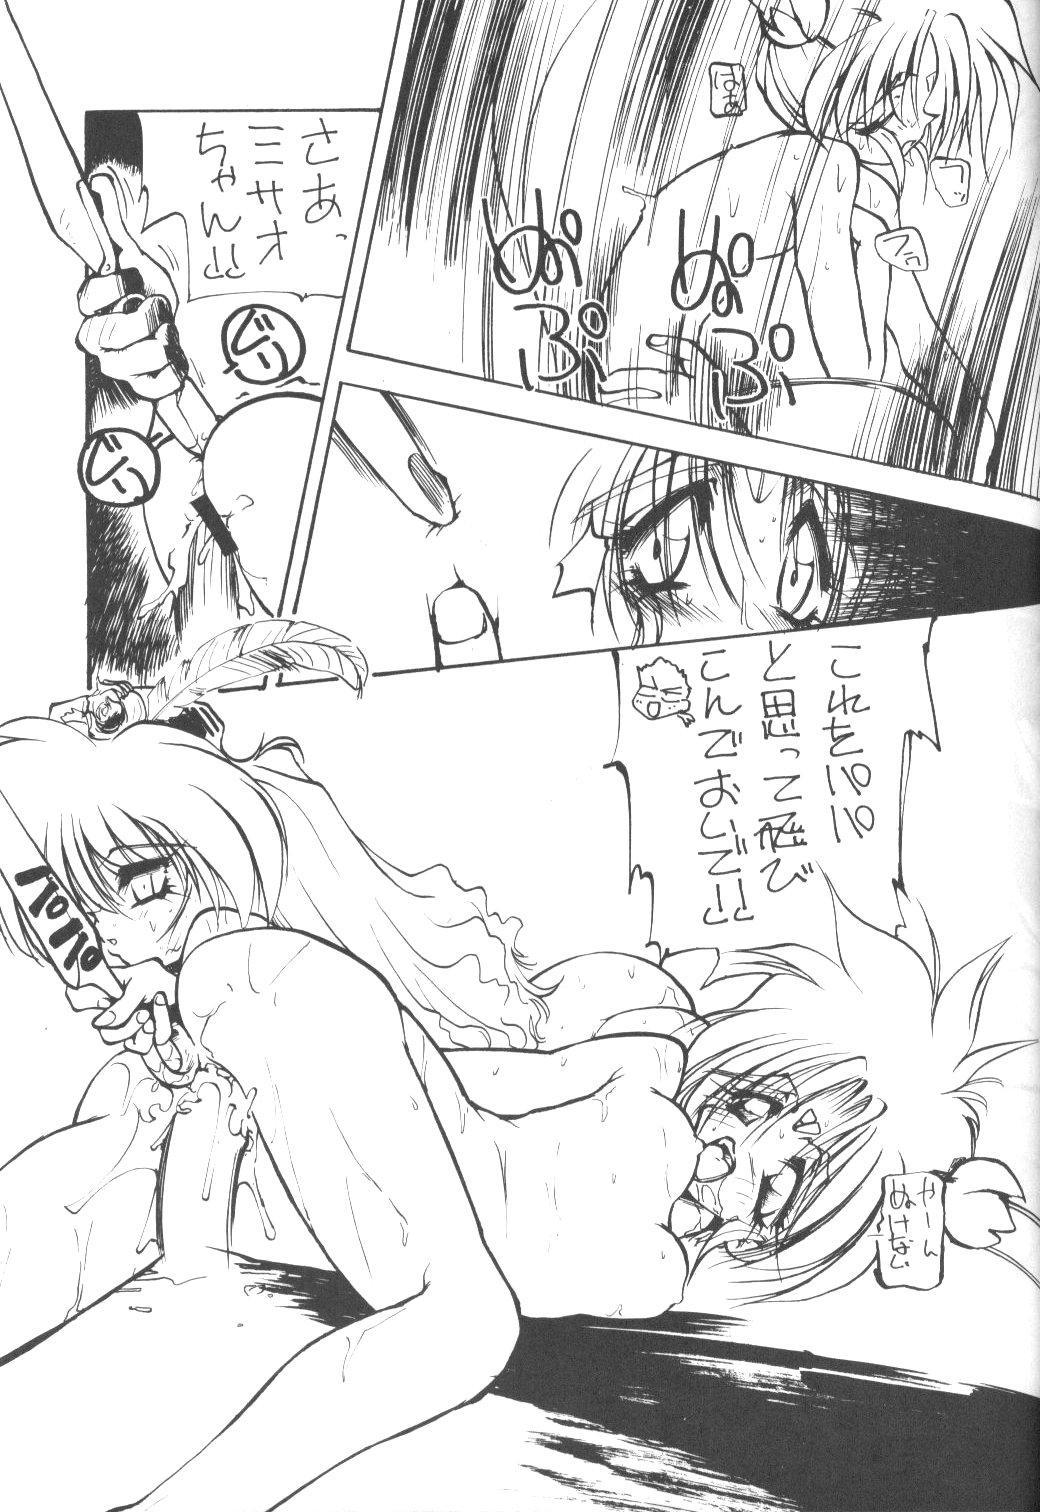 Tabeta Kigasuru 13 25